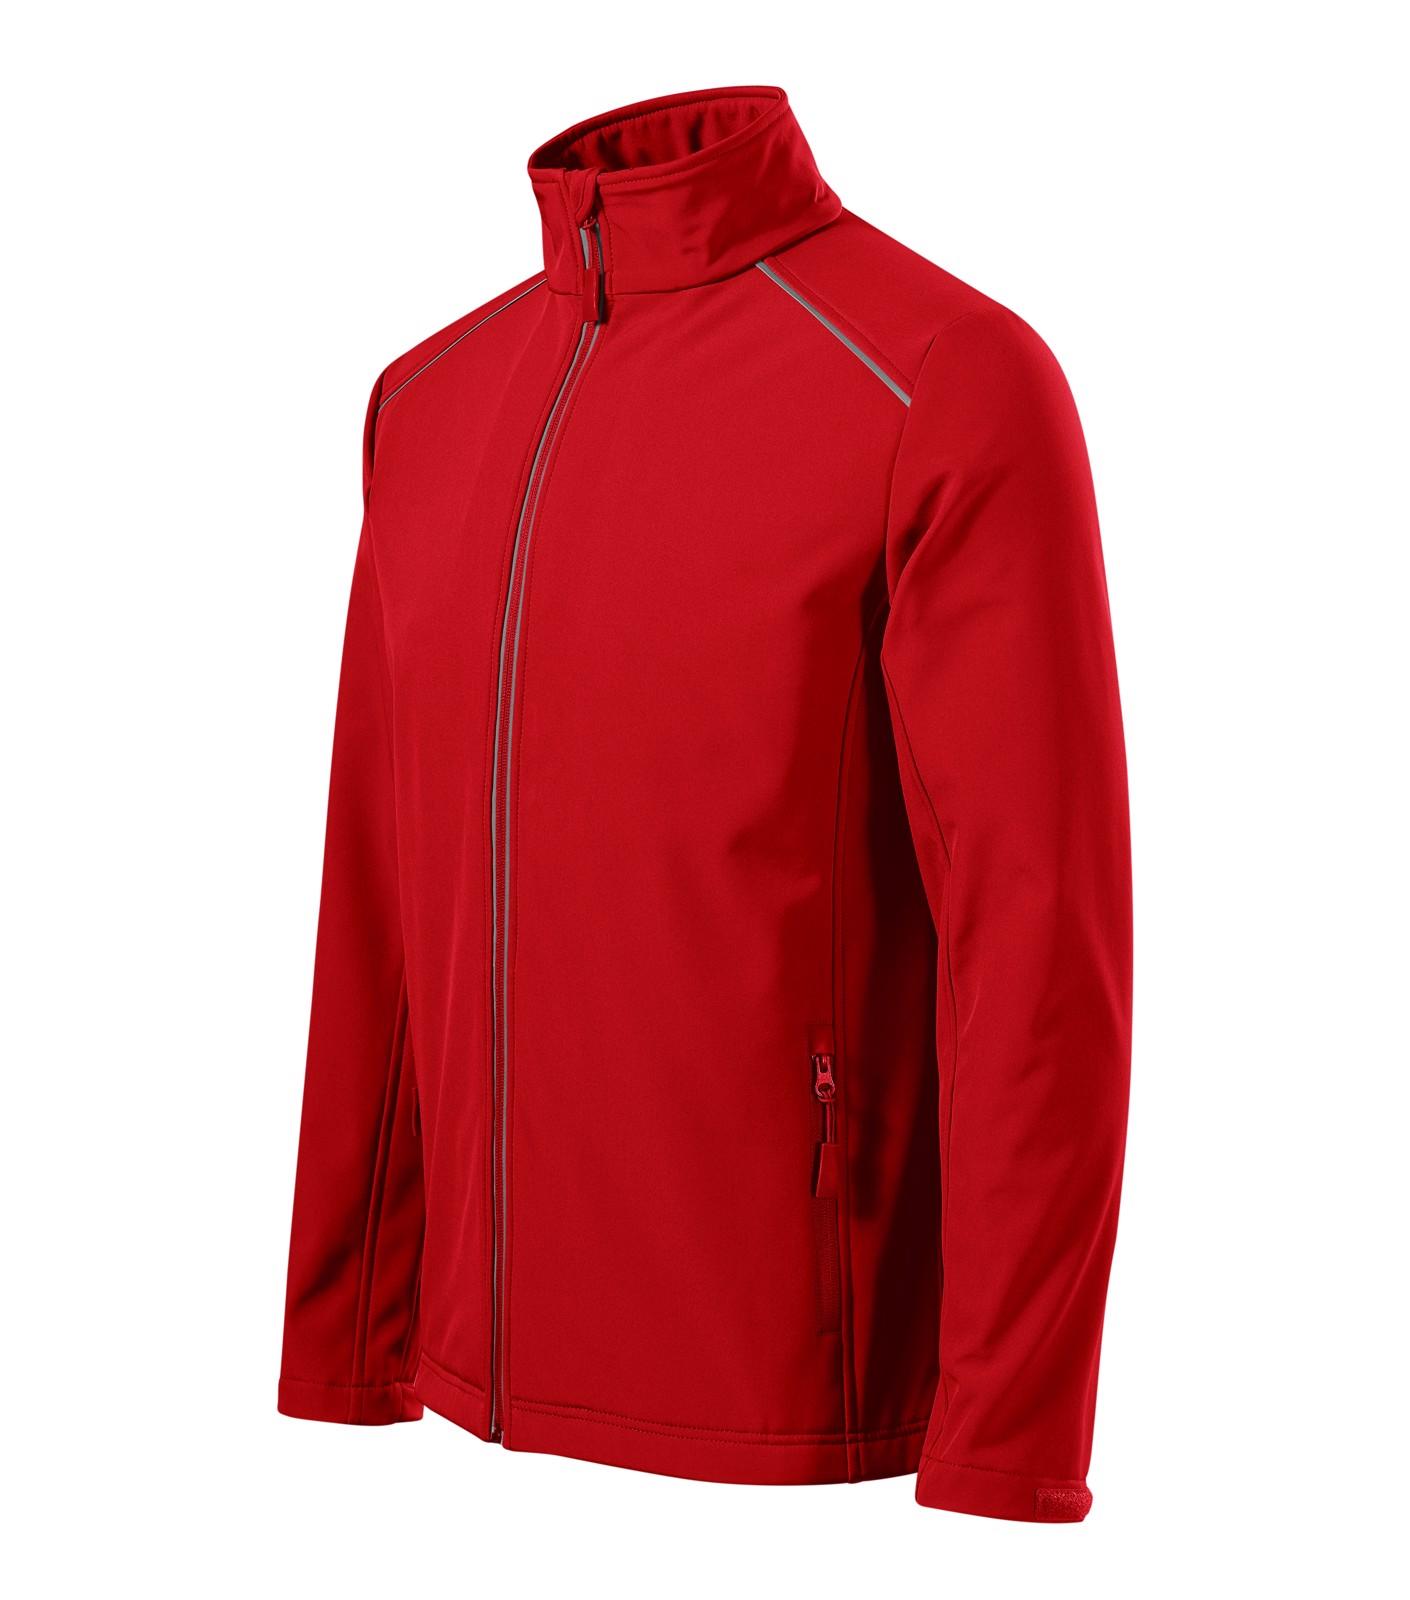 Softshellová bunda pánská Malfini Valley - Červená / M